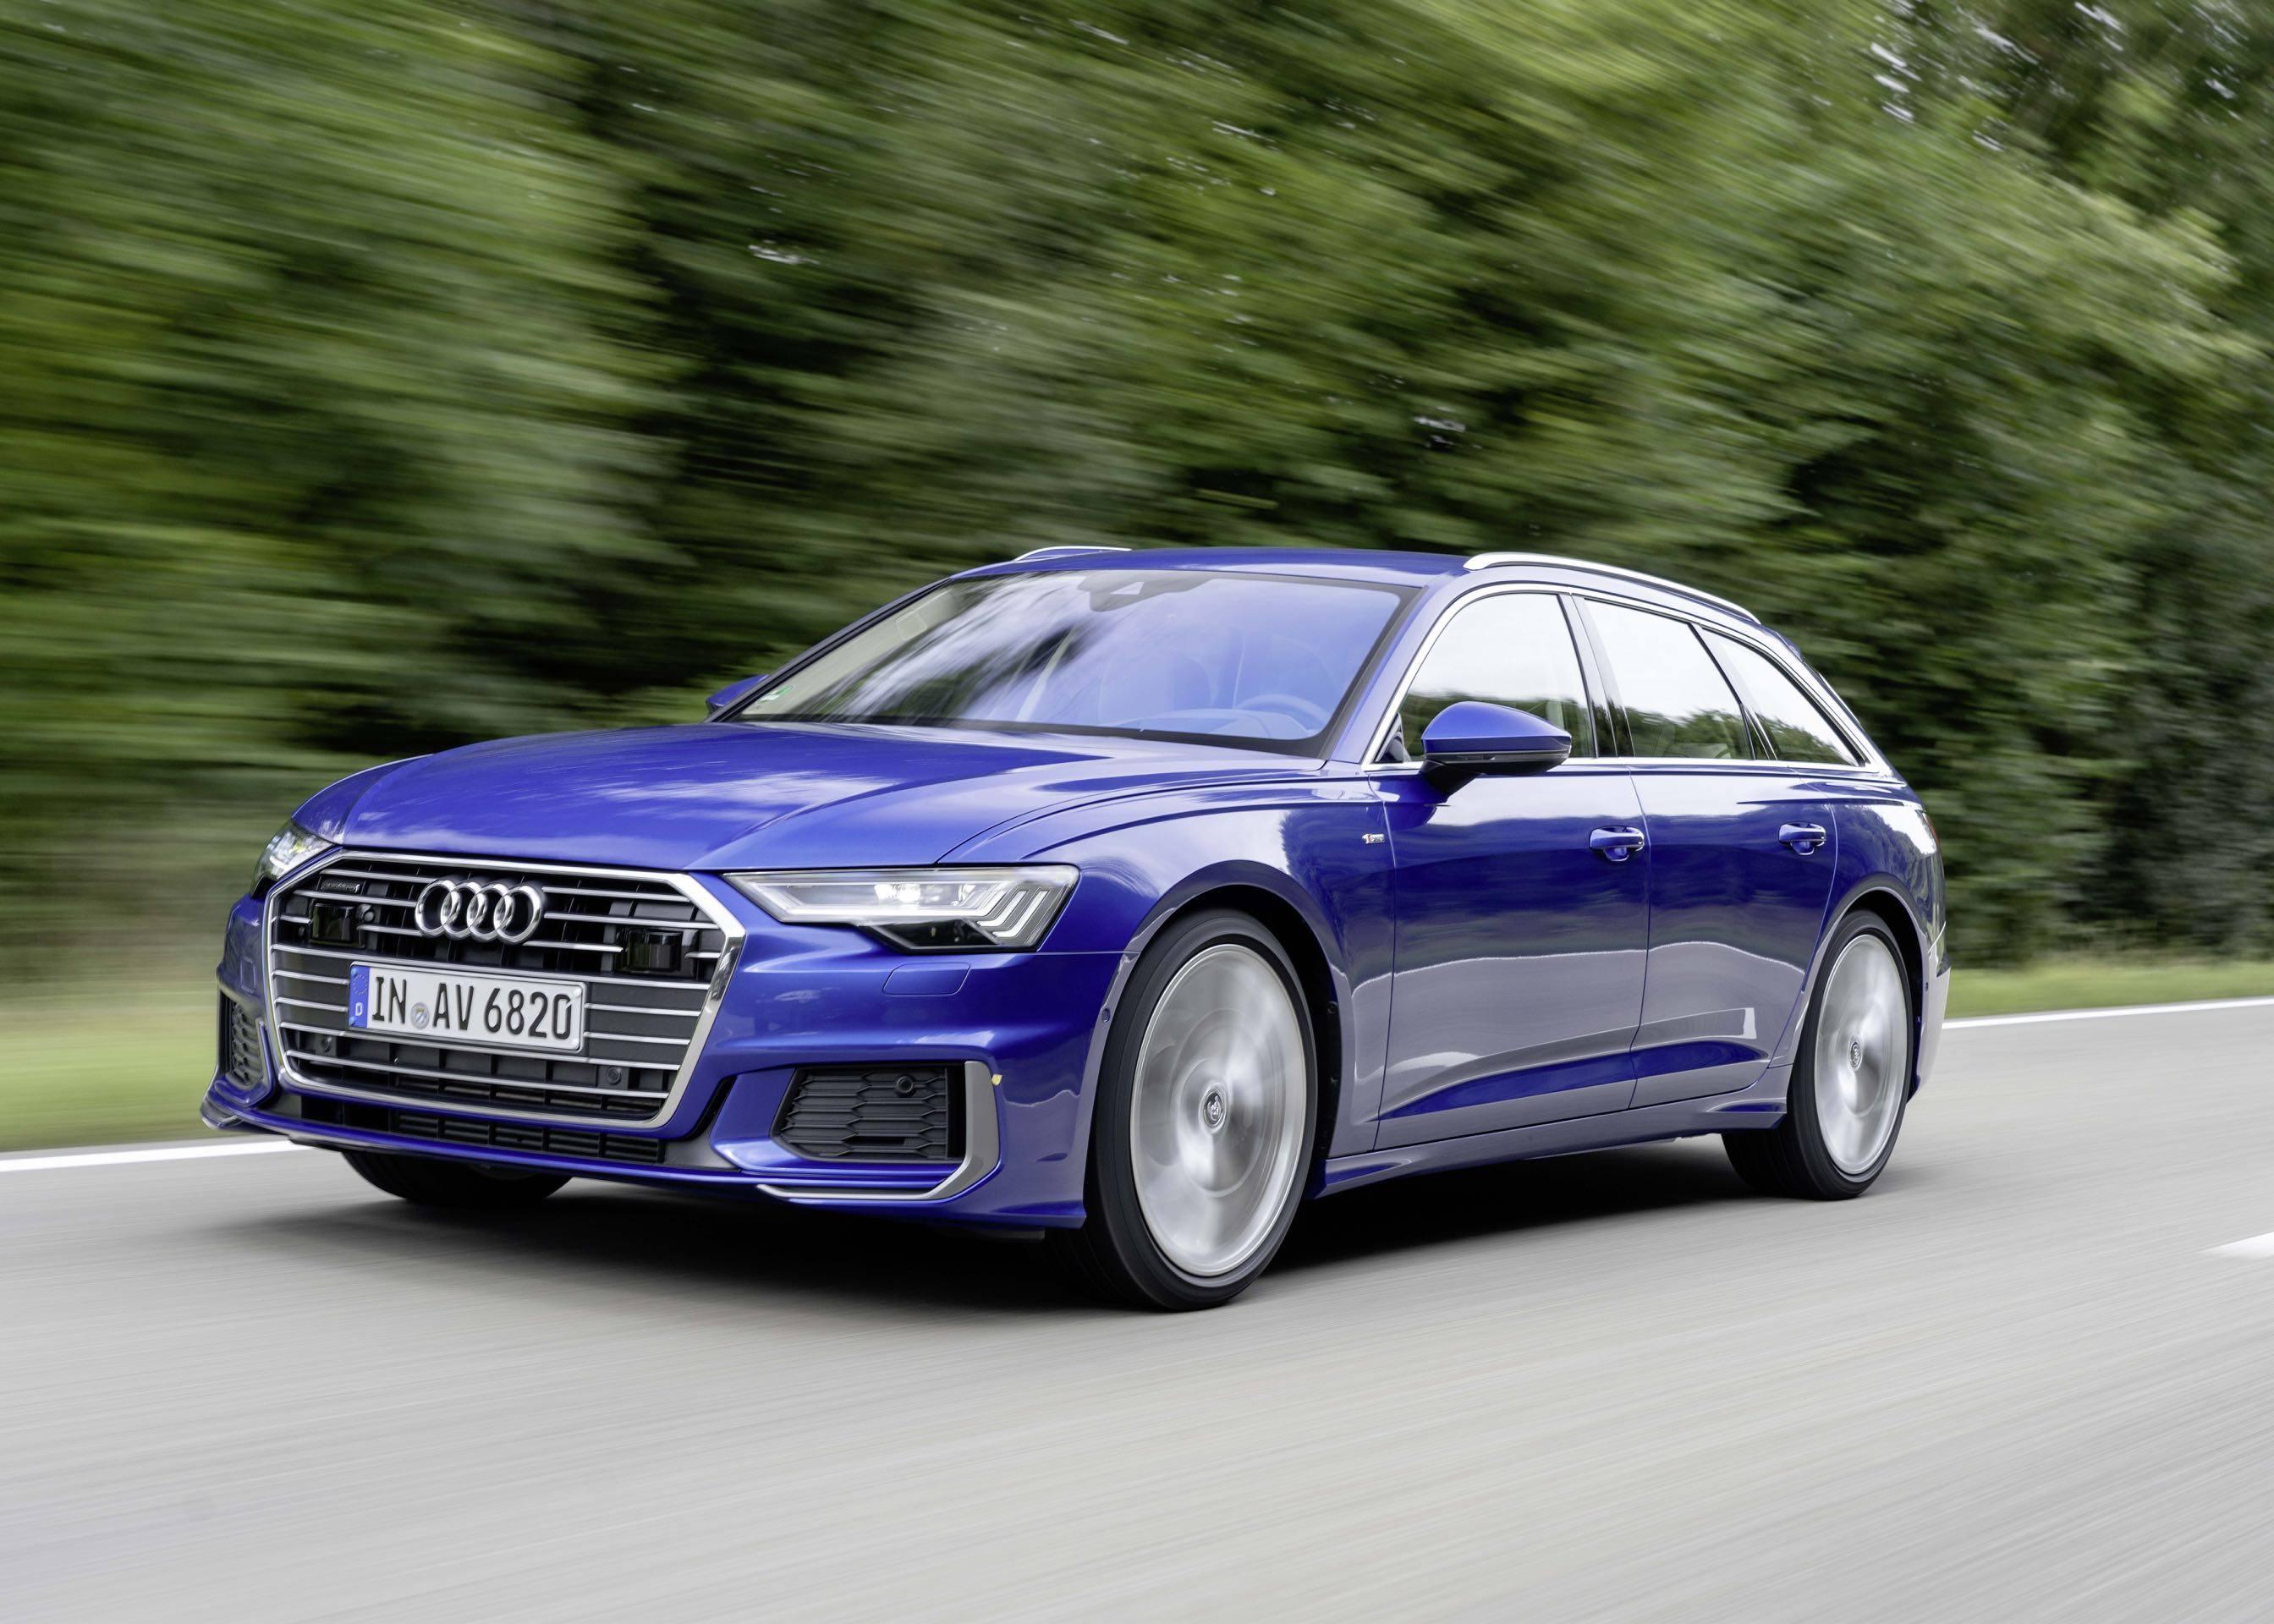 2019 Audi A6 Avant Review